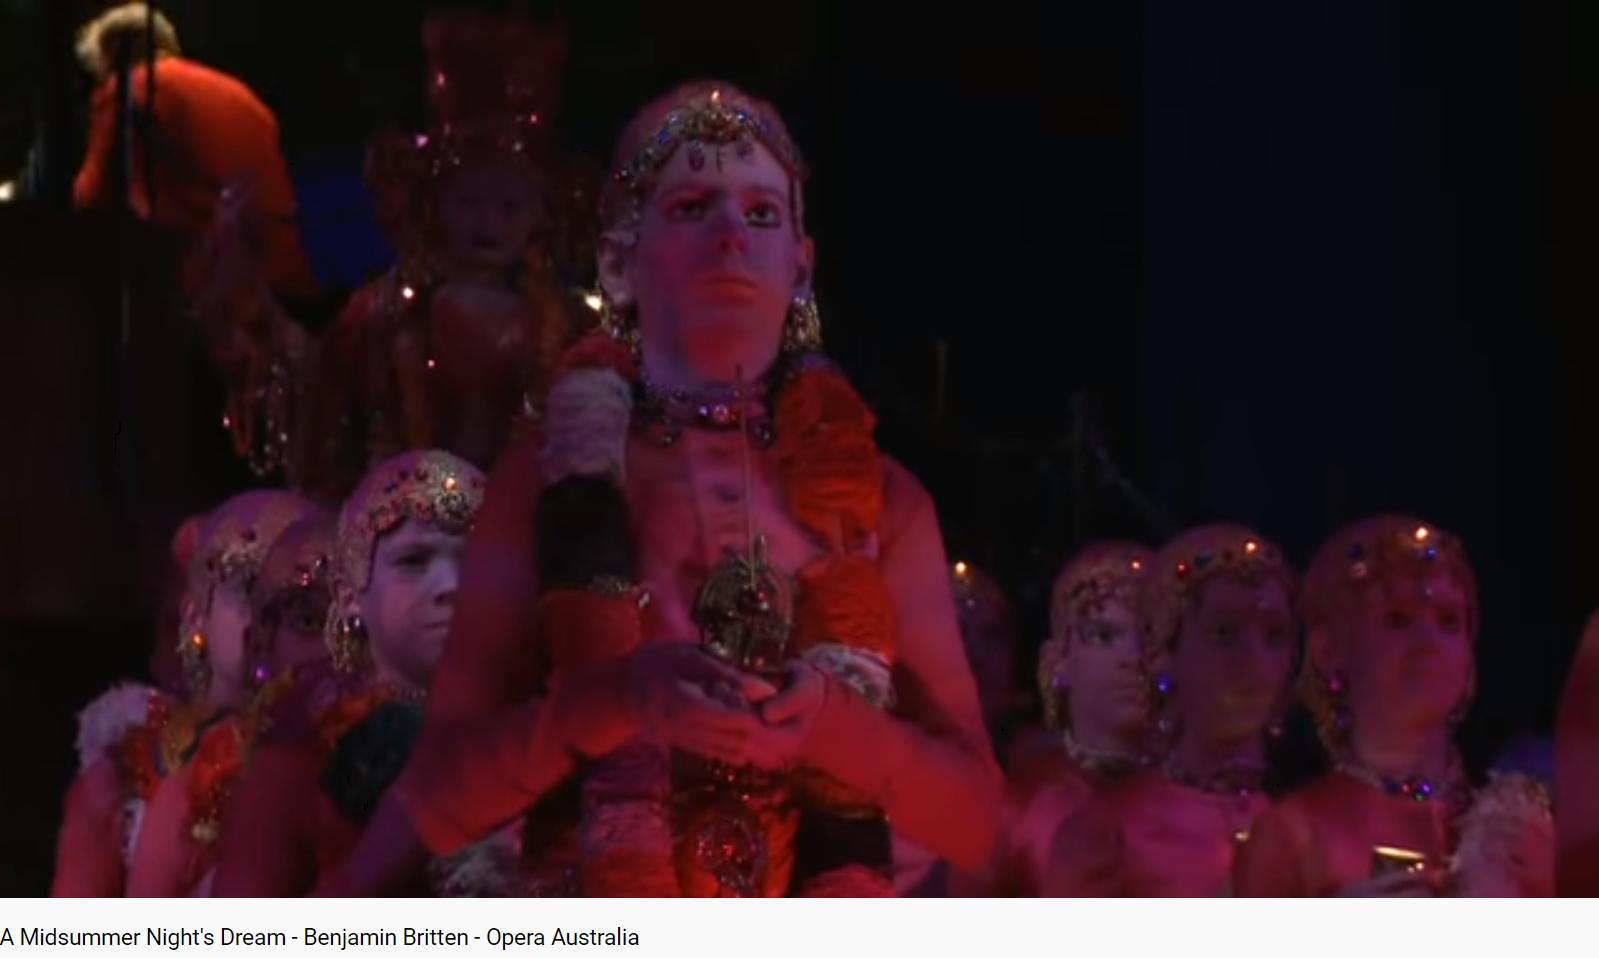 Britten a midsummer night's dream final (chœur des fées)